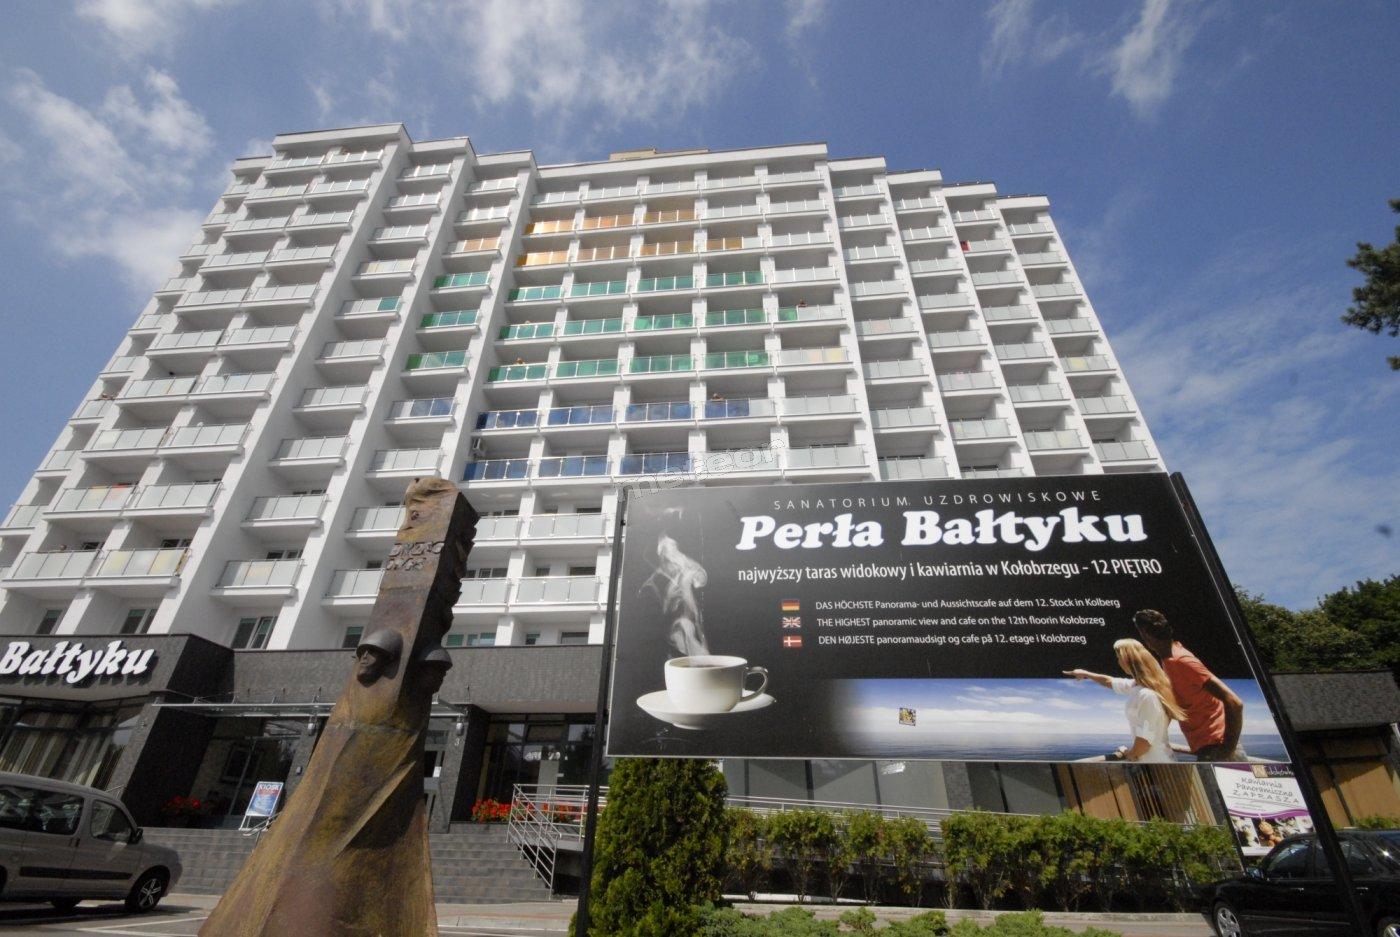 Sanatorium i Szpital Perła Bałtyku